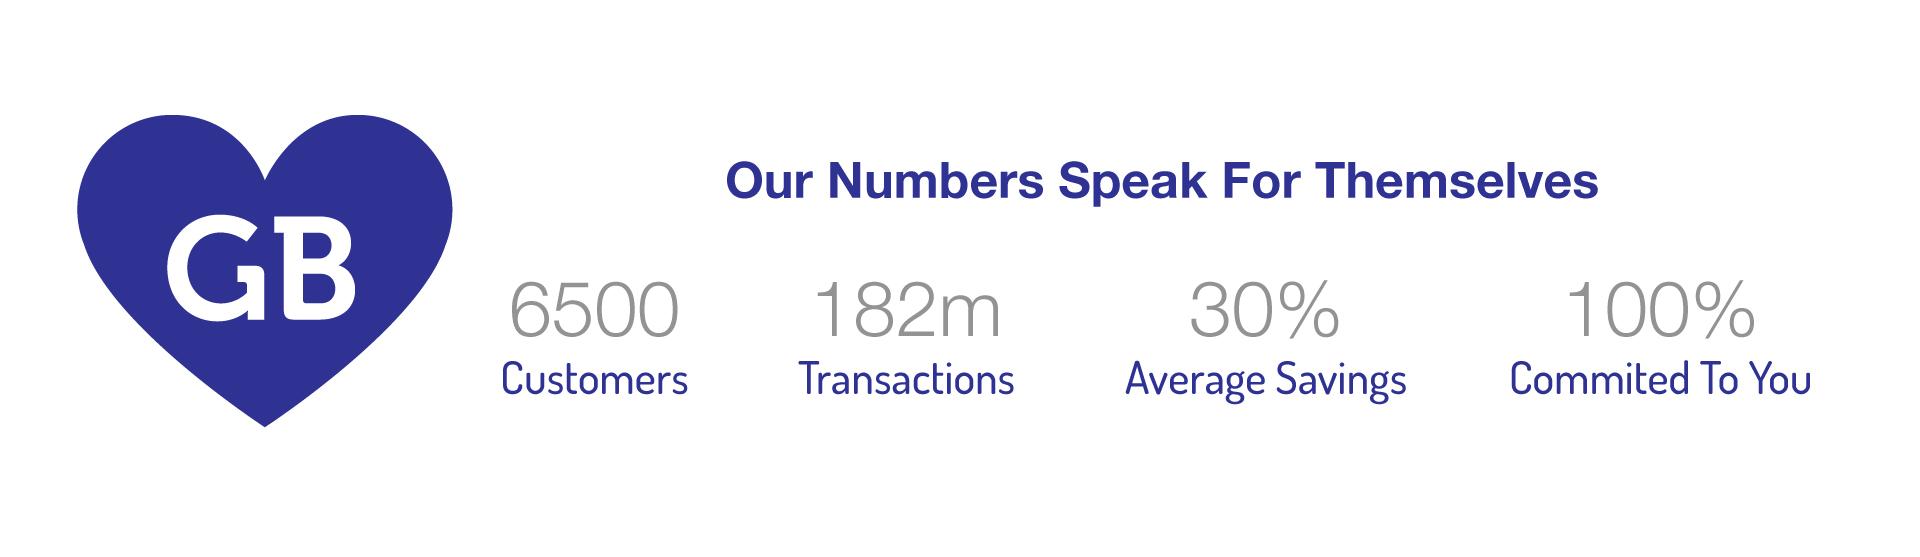 Number-Speak-For-Themselves.jpg